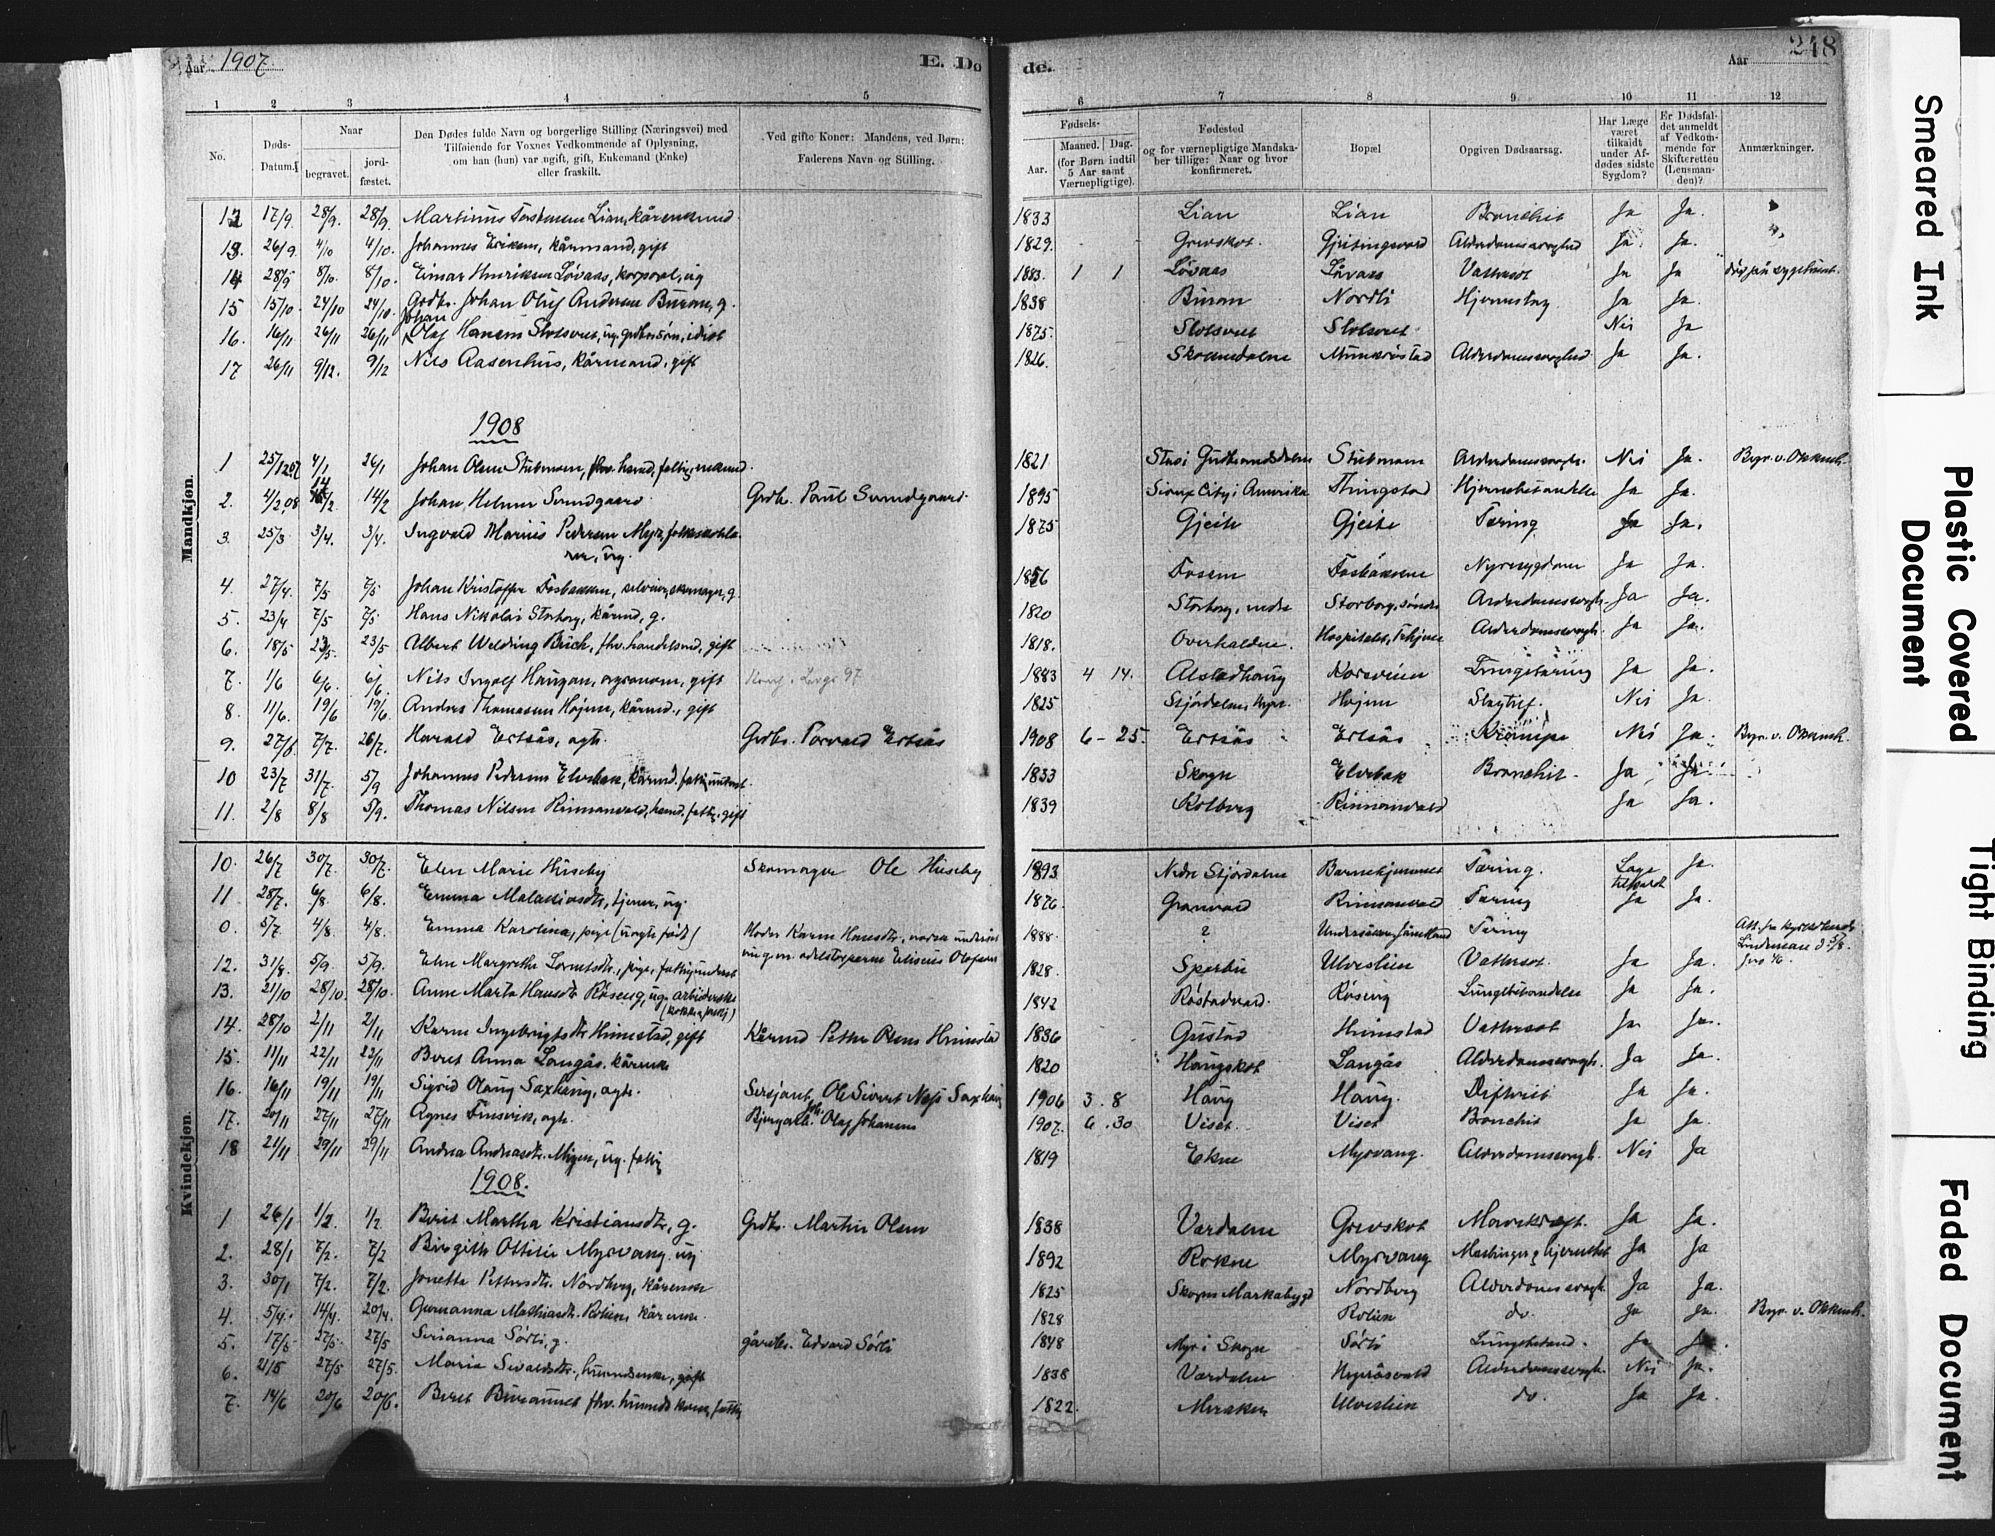 SAT, Ministerialprotokoller, klokkerbøker og fødselsregistre - Nord-Trøndelag, 721/L0207: Ministerialbok nr. 721A02, 1880-1911, s. 248